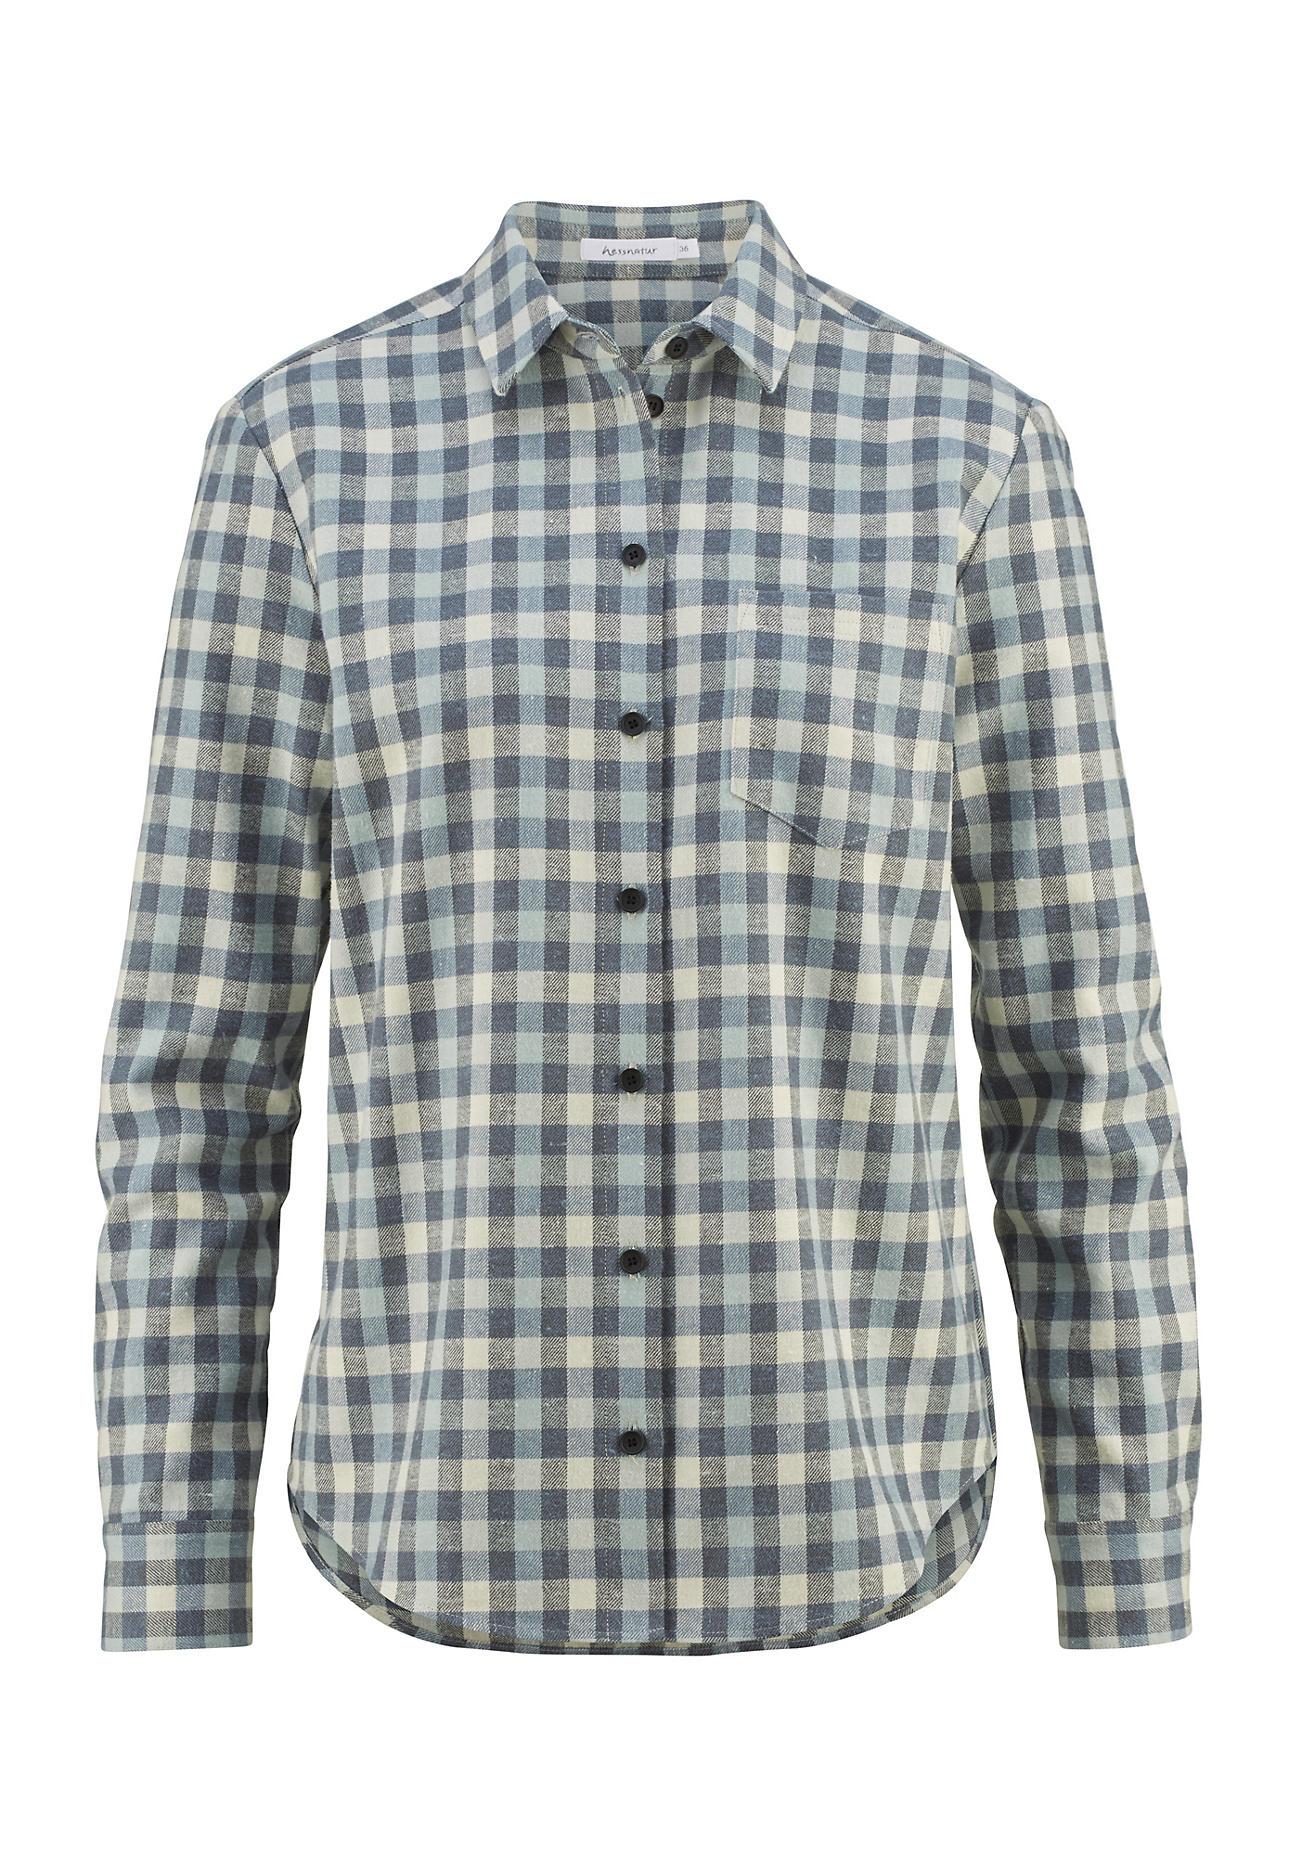 hessnatur Outdoor Outdoor-Hemd für Sie aus Bio-Baumwolle mit Hanf – grün – Größe 42   Bekleidung > Blusen > Wickelblusen   Jade   Baumwolle - Hanf   hessnatur